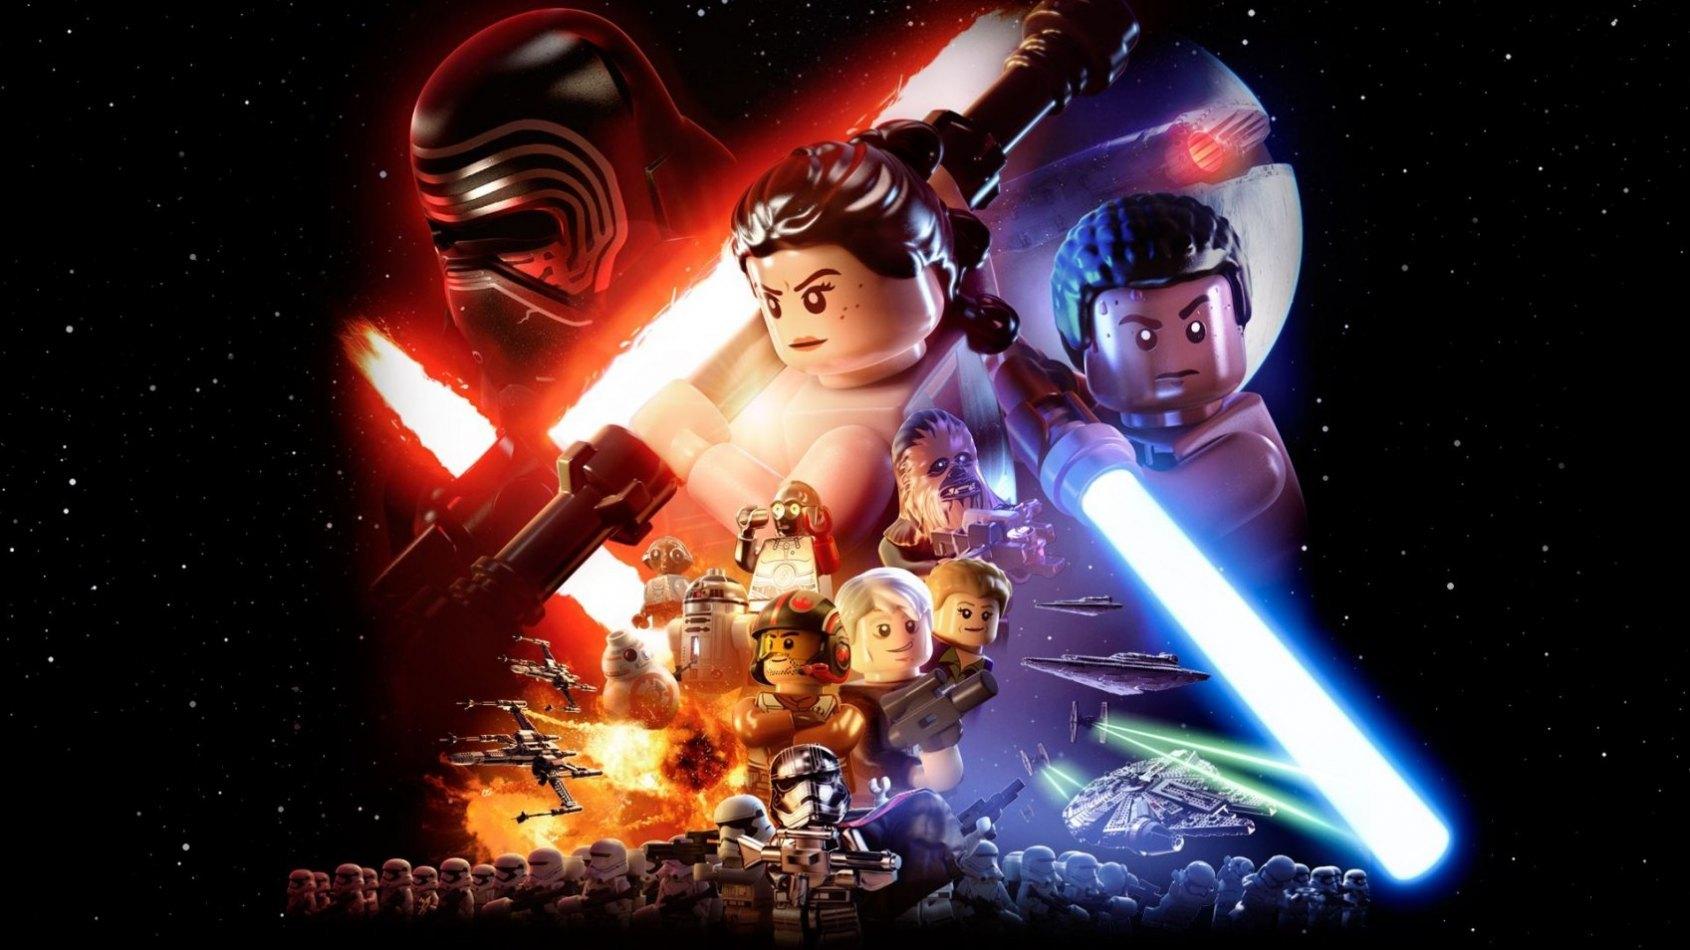 Lego Star Wars : Premières impressions sur le jeu vidéo